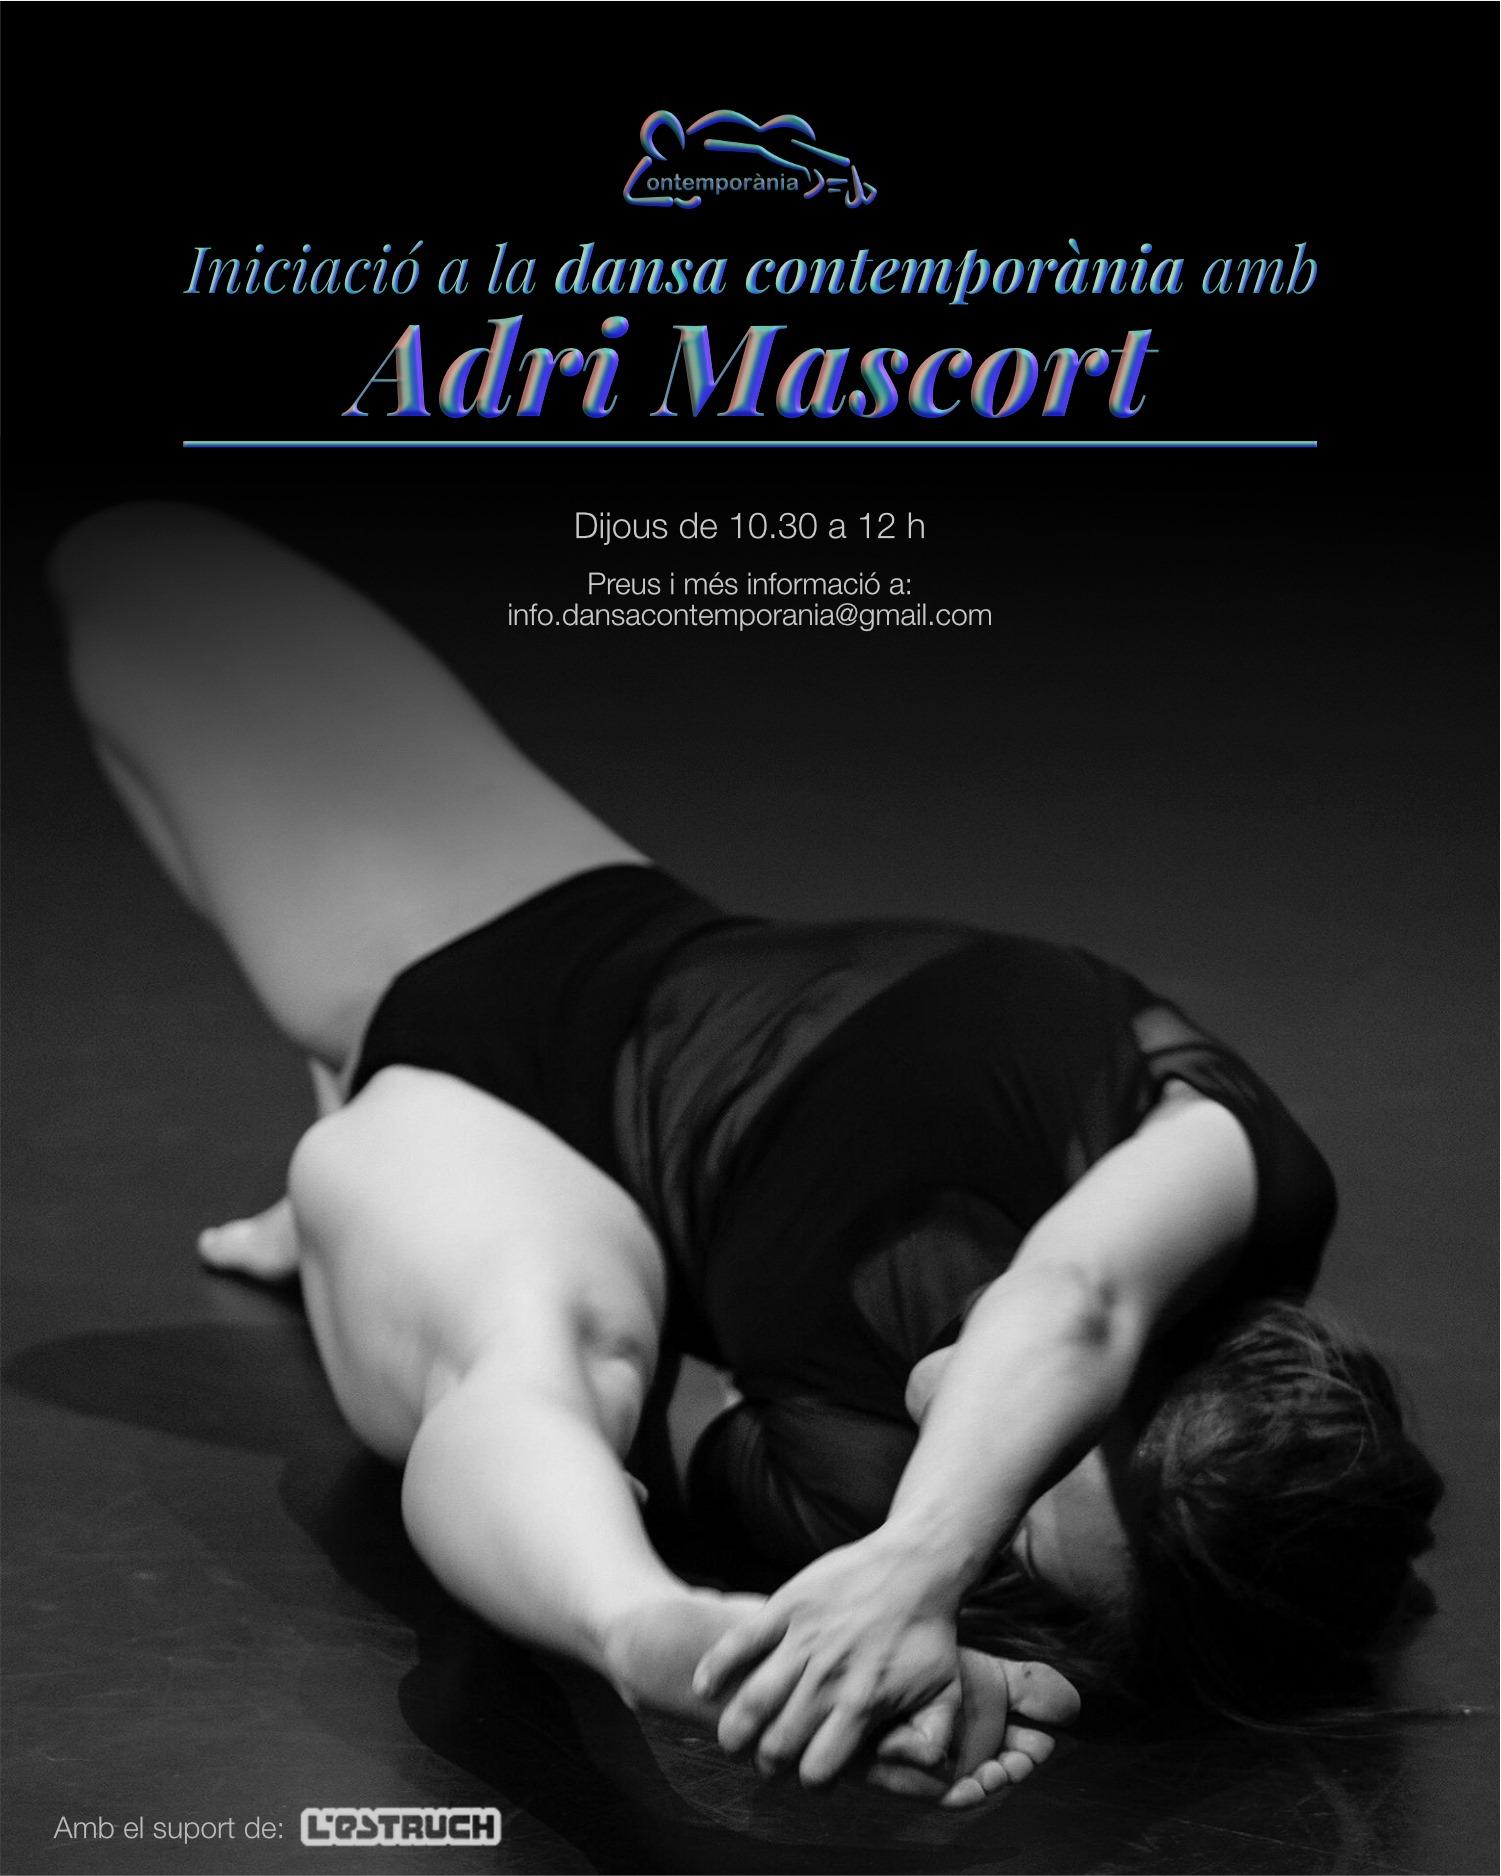 L'ESTRUCH FÀBRICA DE CREACIÓ, Sabadell - Cada jueves a partir del 12 de Septiembre de 2019 hasta el mes de febrero de 2020 con Adri Mascort.De 10:30 h a 12 h